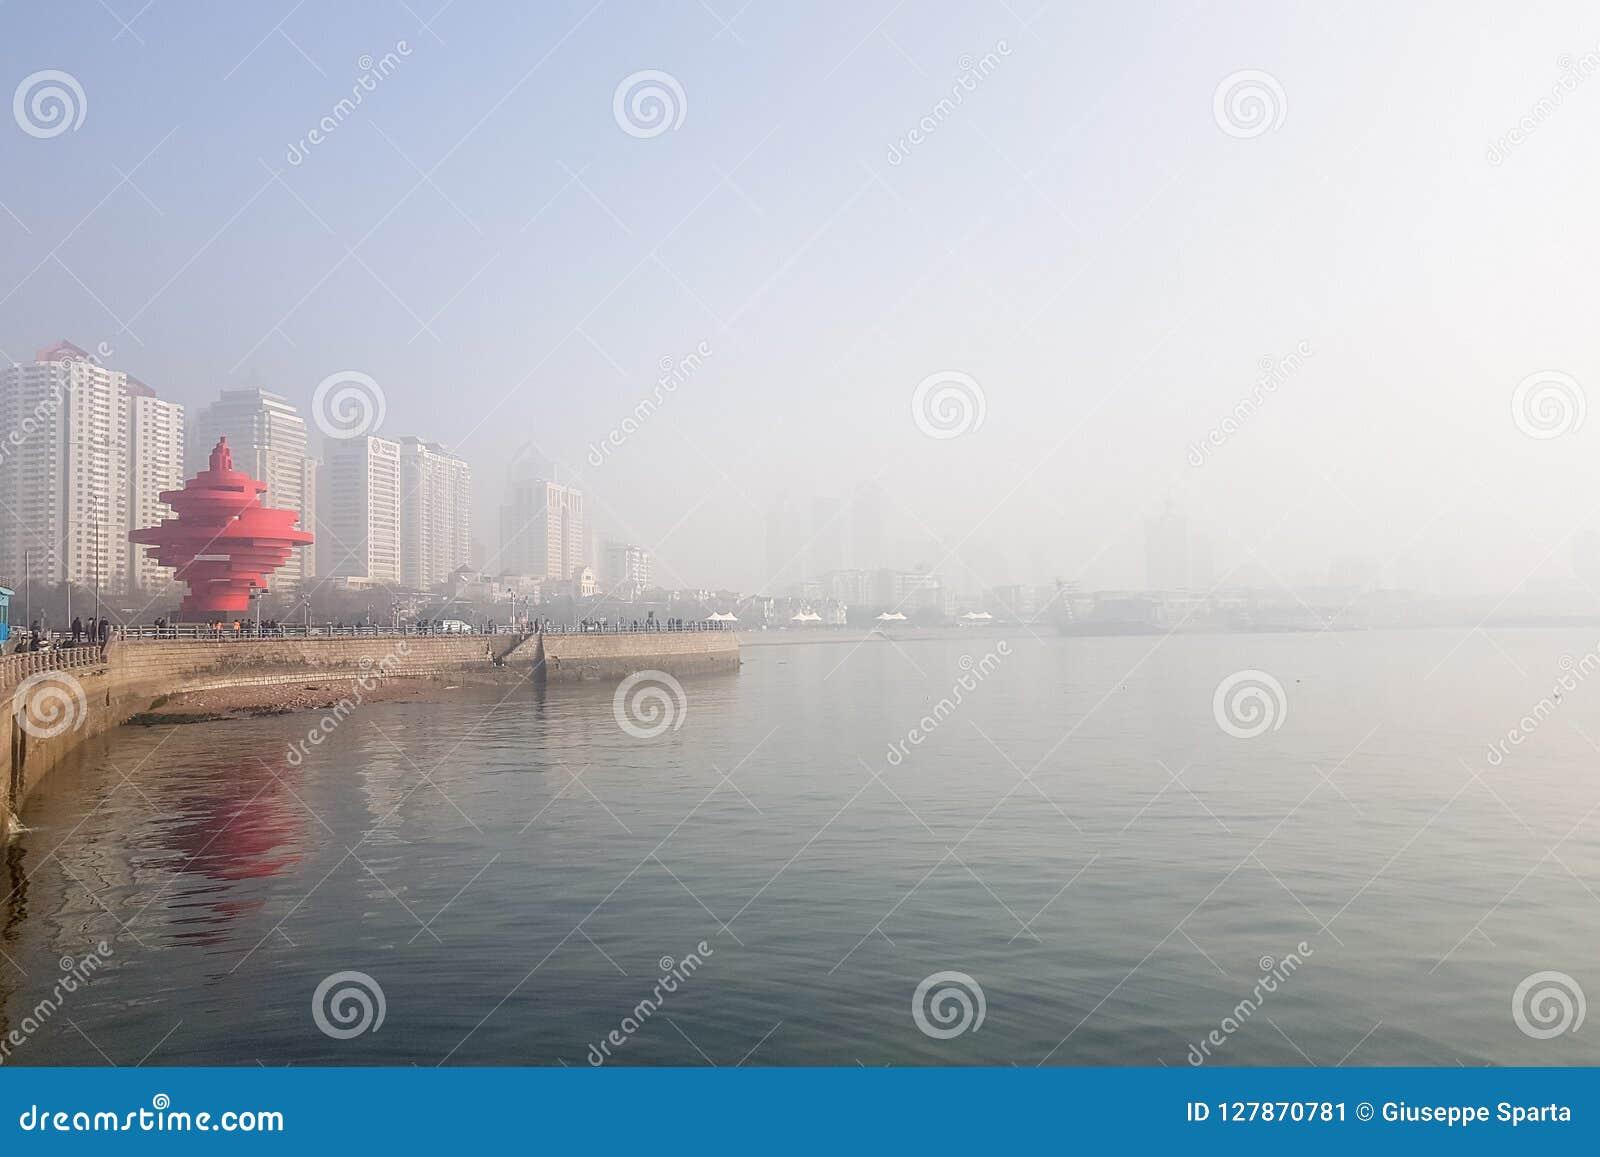 Январь 2018 - Qingdao, Китай - 4-ый квадрат Maty положенный в кожух загрязнением зимы